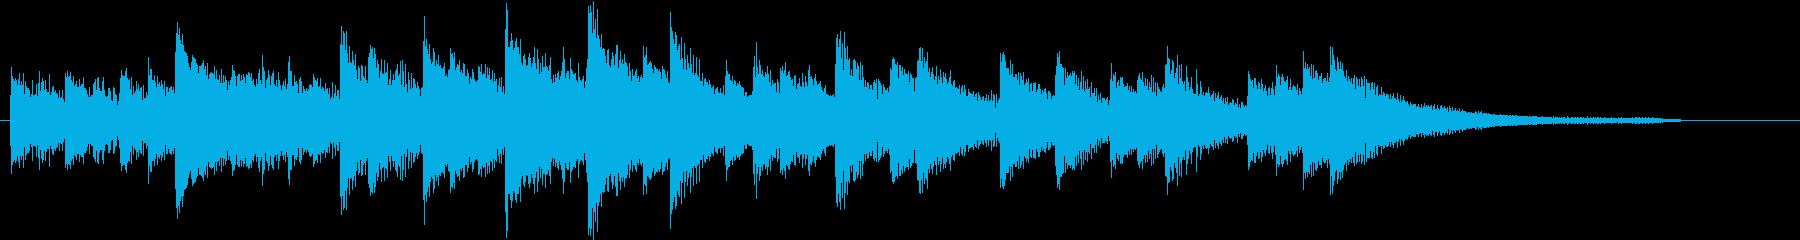 3連符柔らかいメロディの春ピアノジングルの再生済みの波形